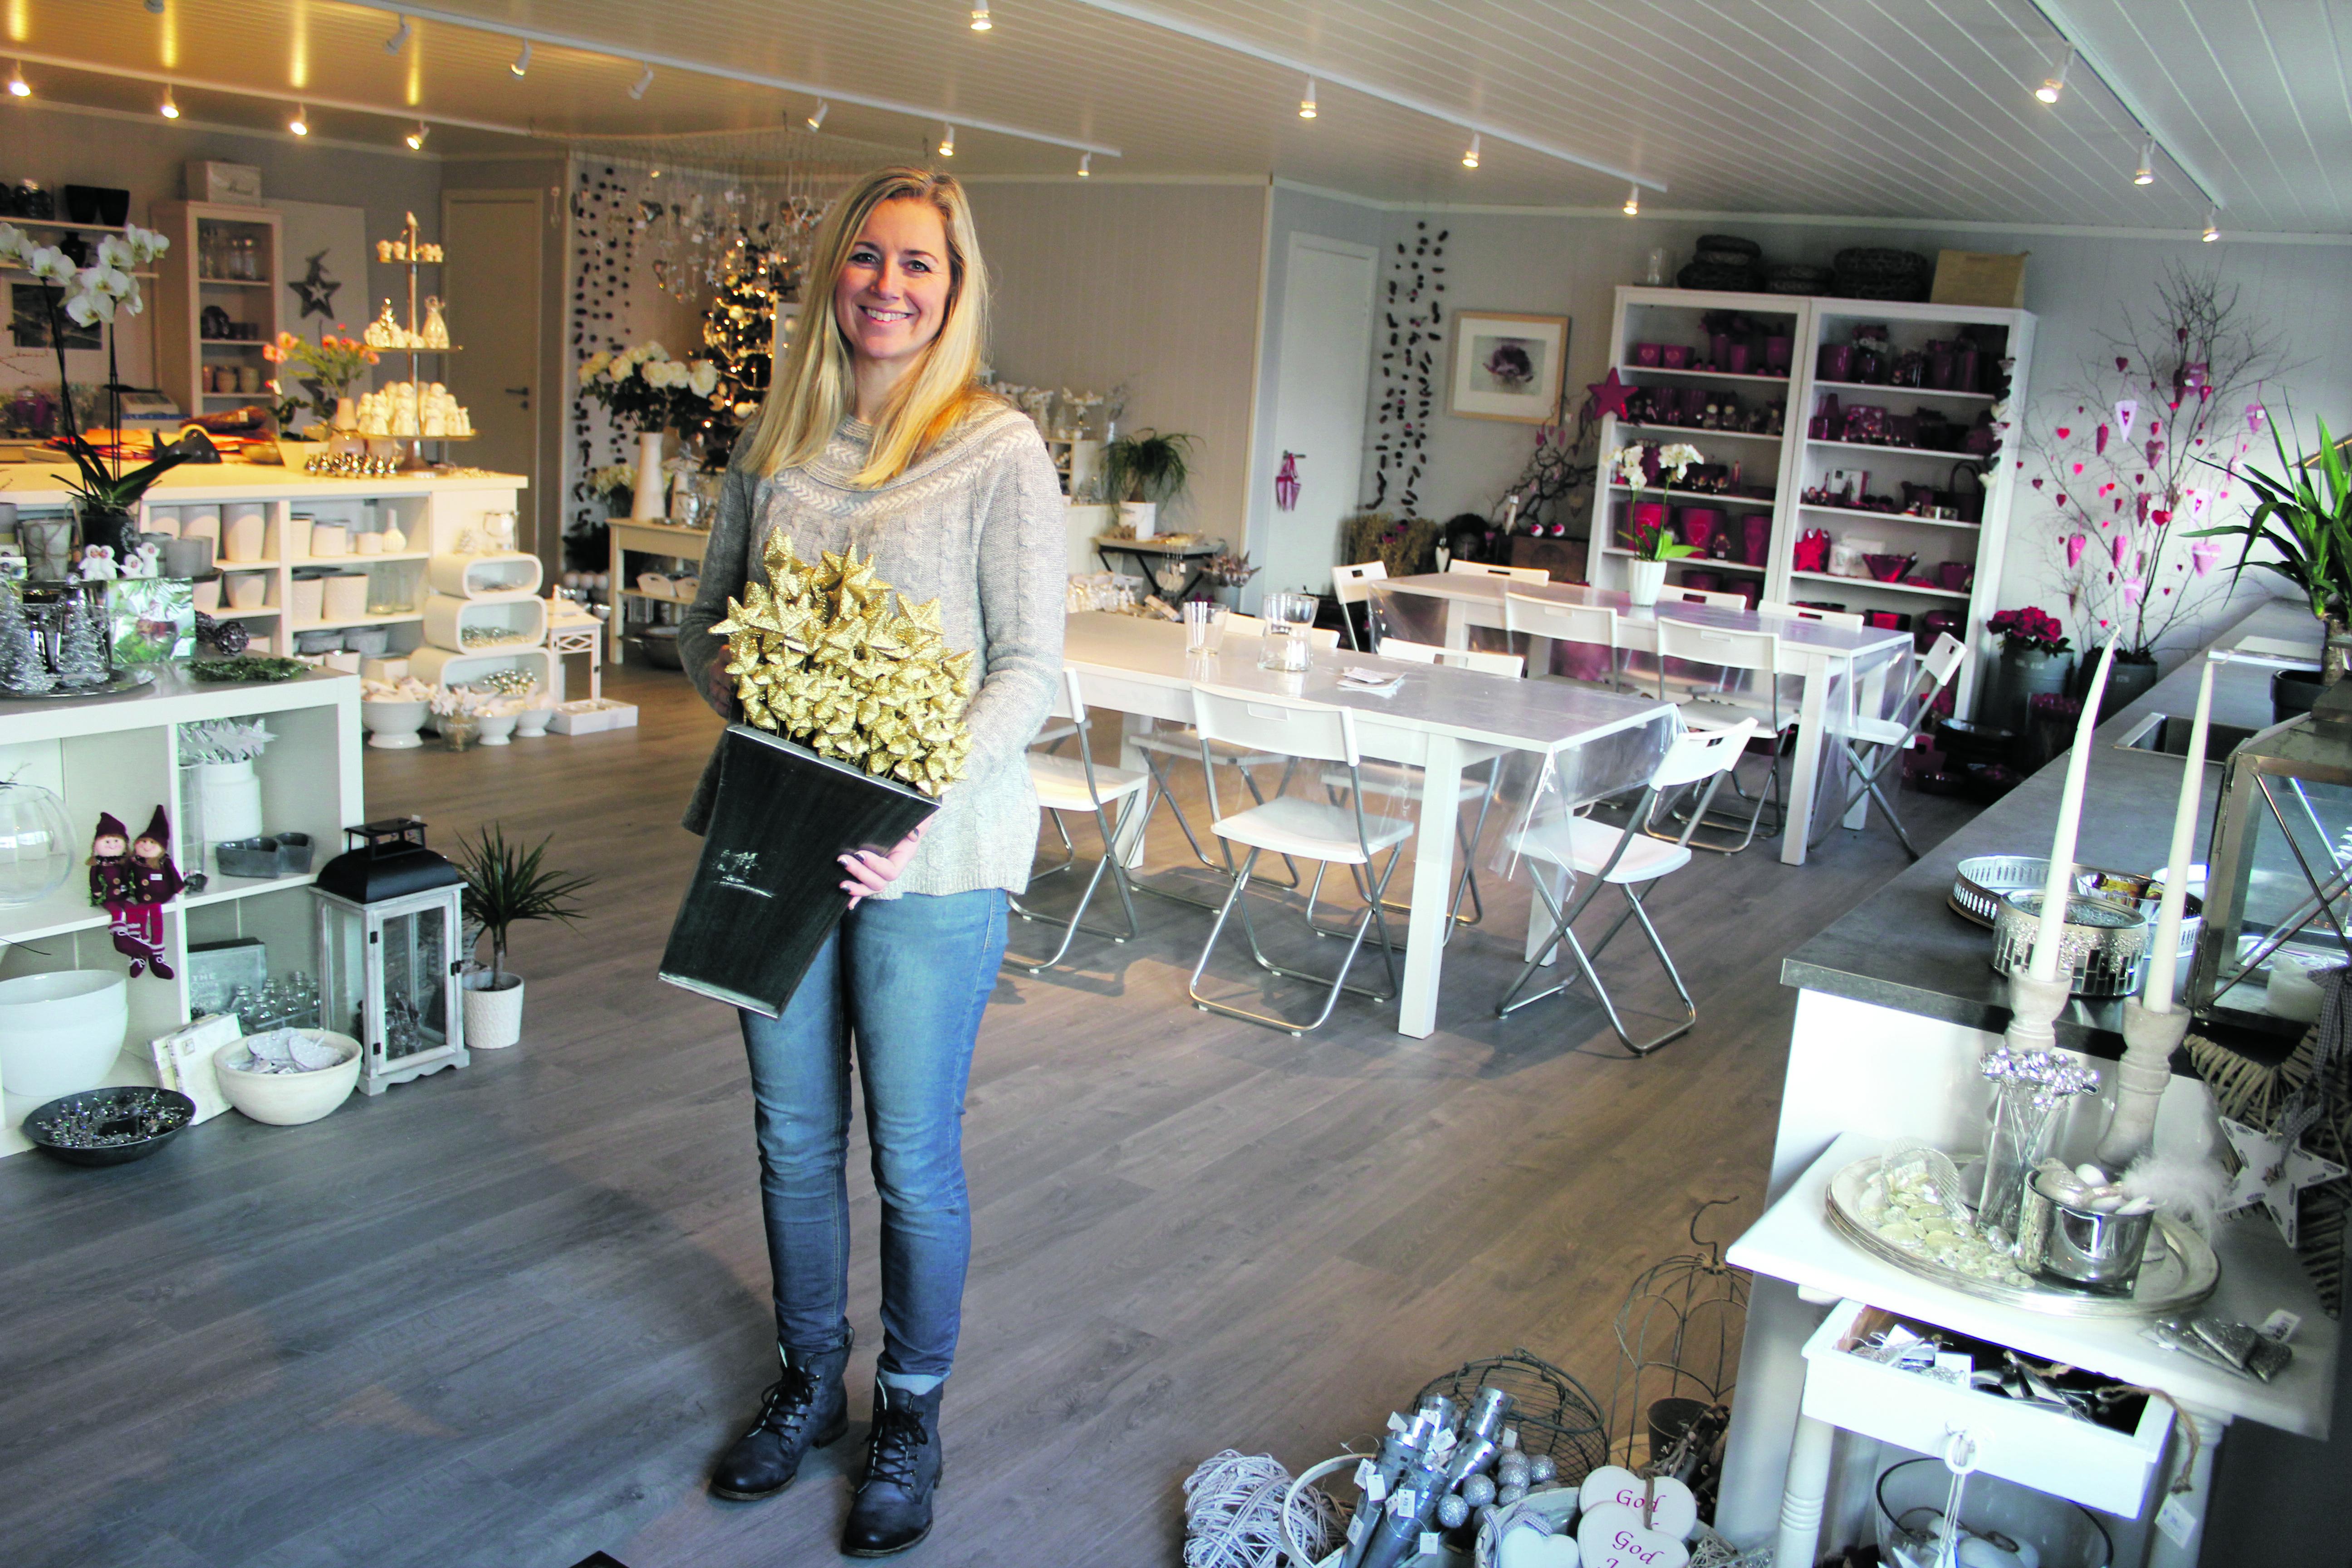 Flott Lokale: Vibeke Vesterhus Har Grunn Til å Være